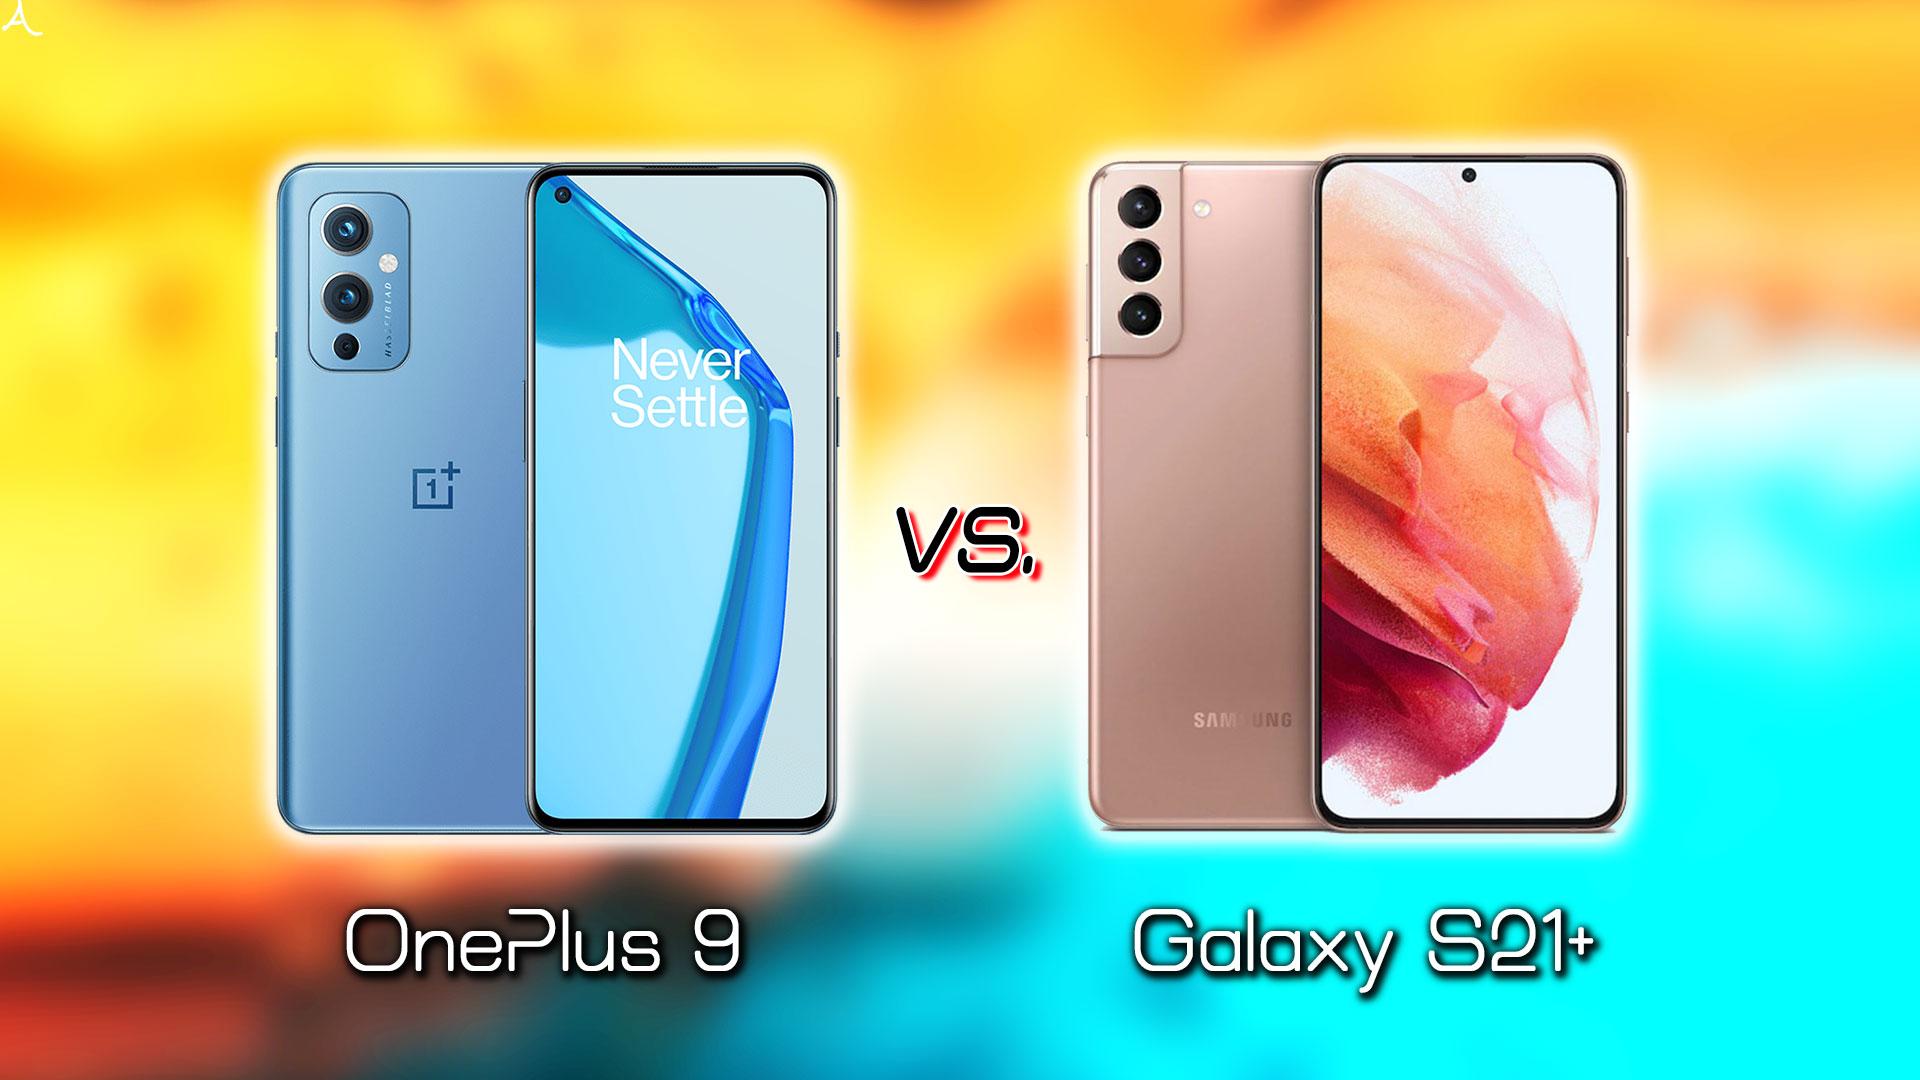 「OnePlus 9」と「Galaxy S21+(プラス)」の違いを比較:どっちを買う?